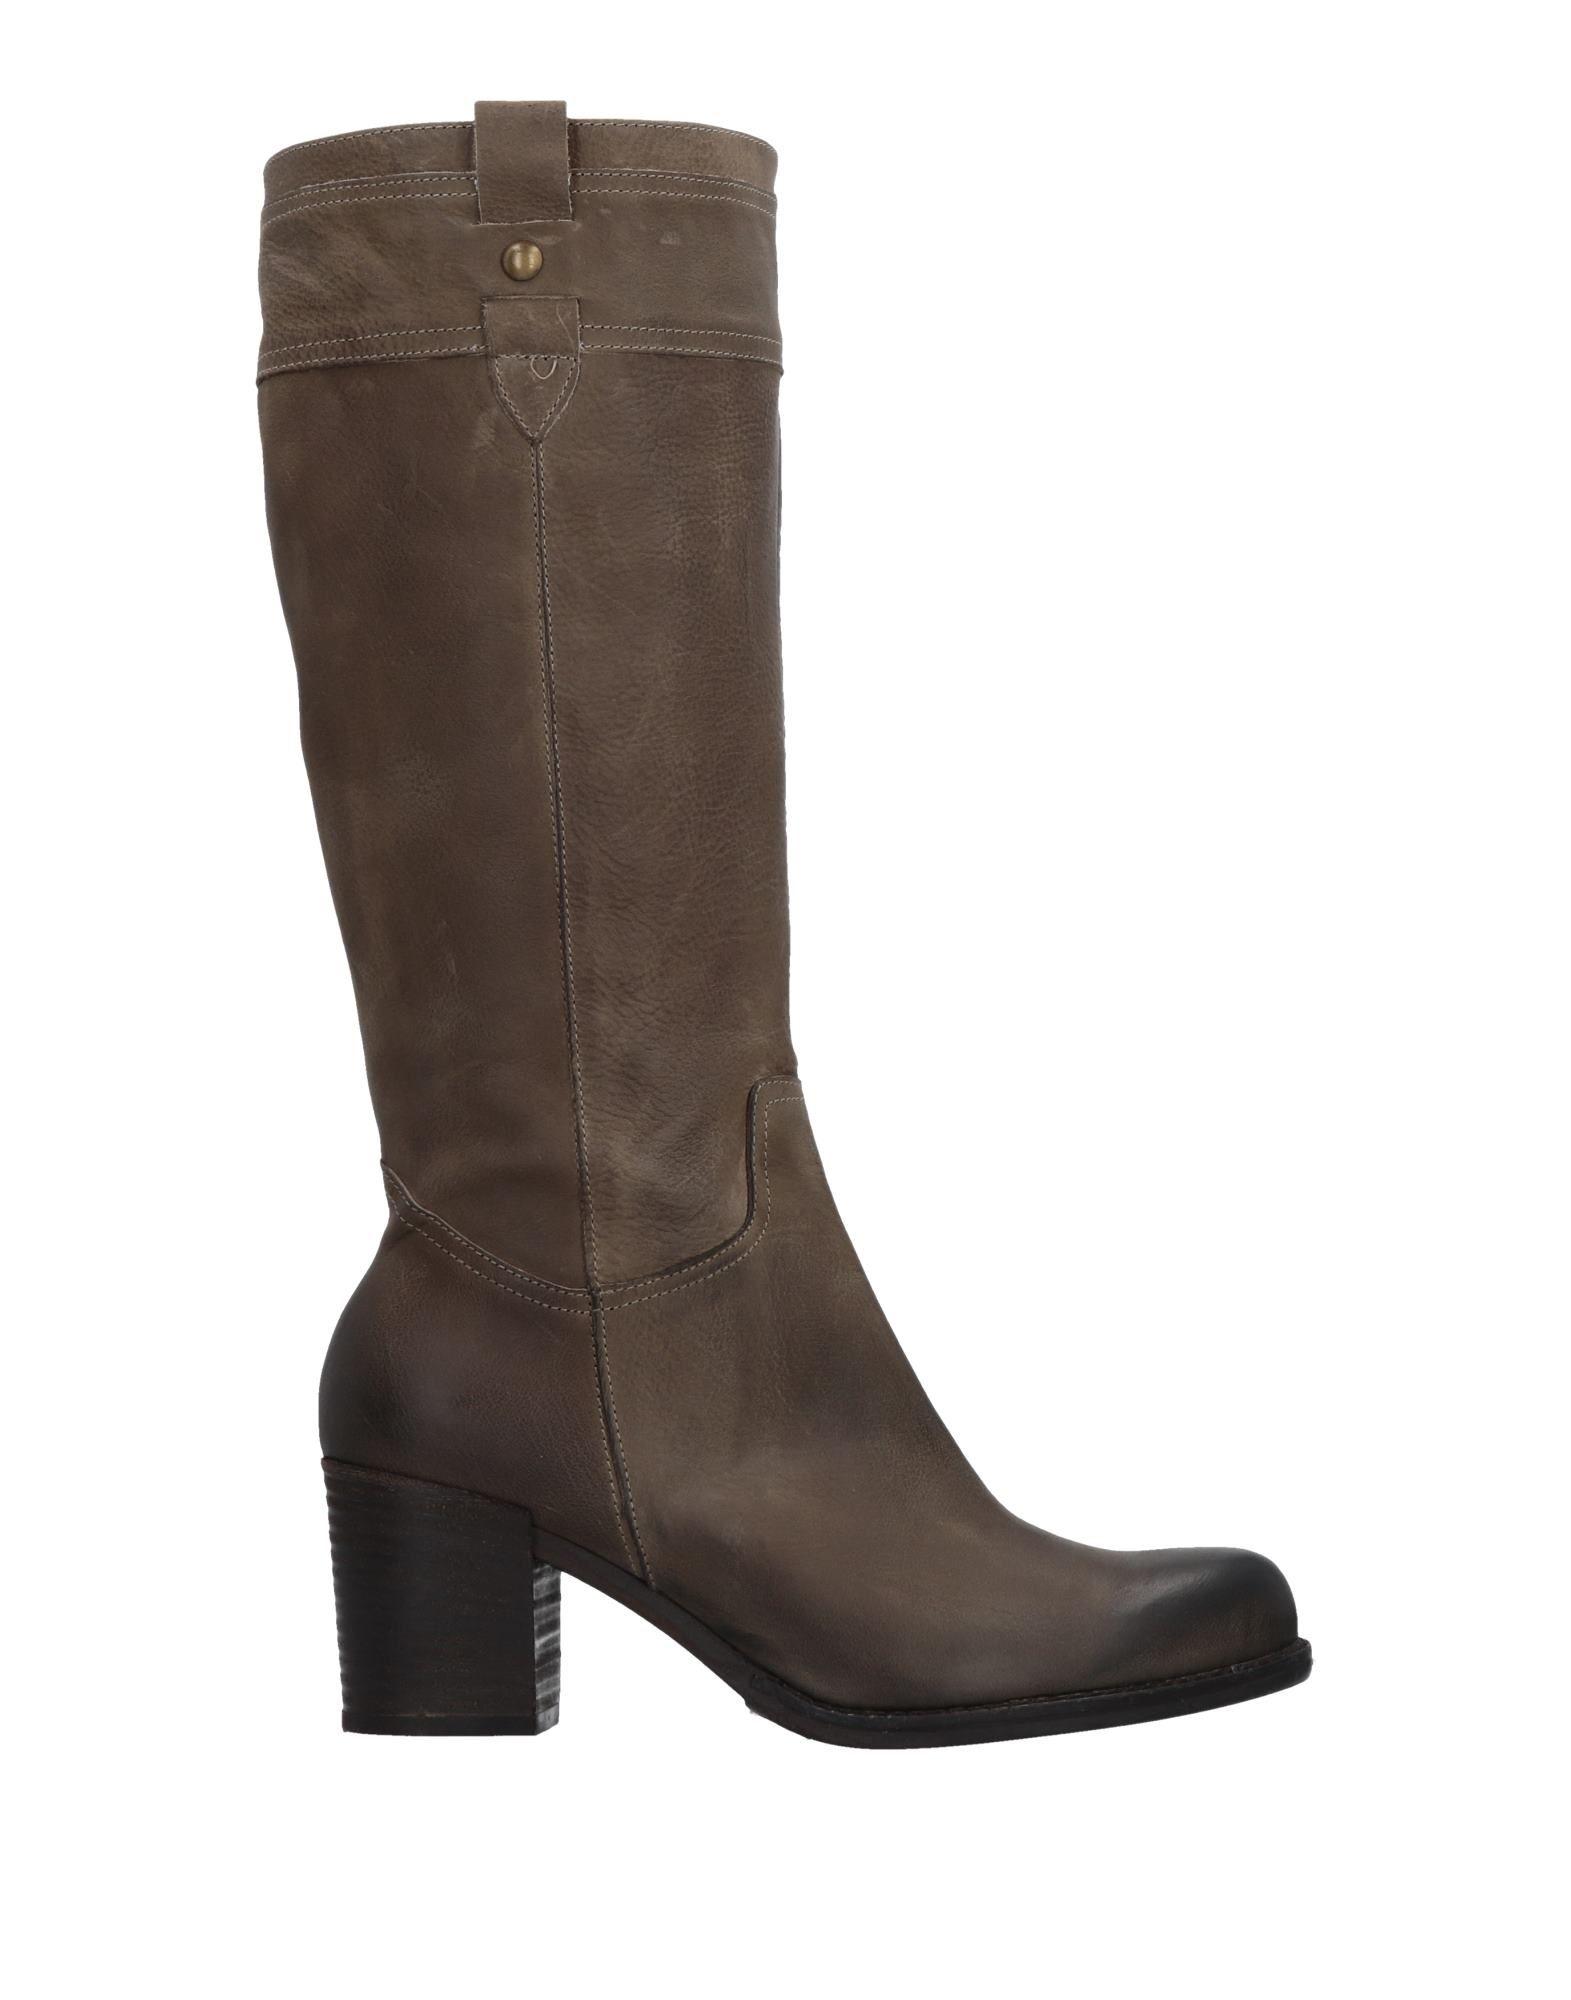 Donna Più Stiefel Damen  11512627WI Gute Qualität beliebte Schuhe